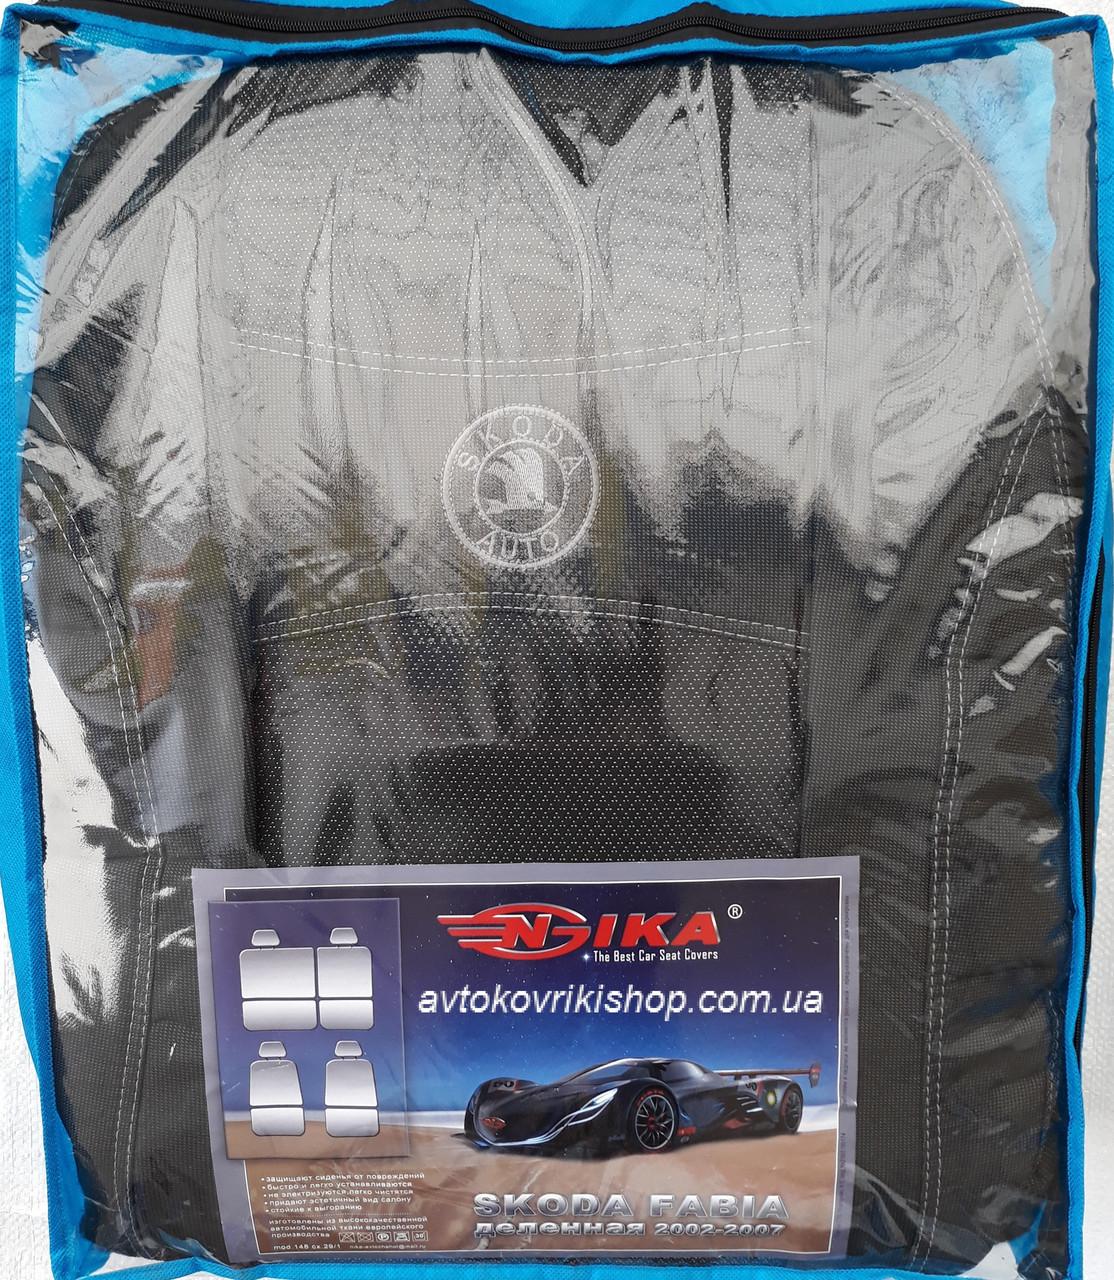 Авточехлы Skoda Fabia MК I 1999-2007 з/сп (раздельная) Nika